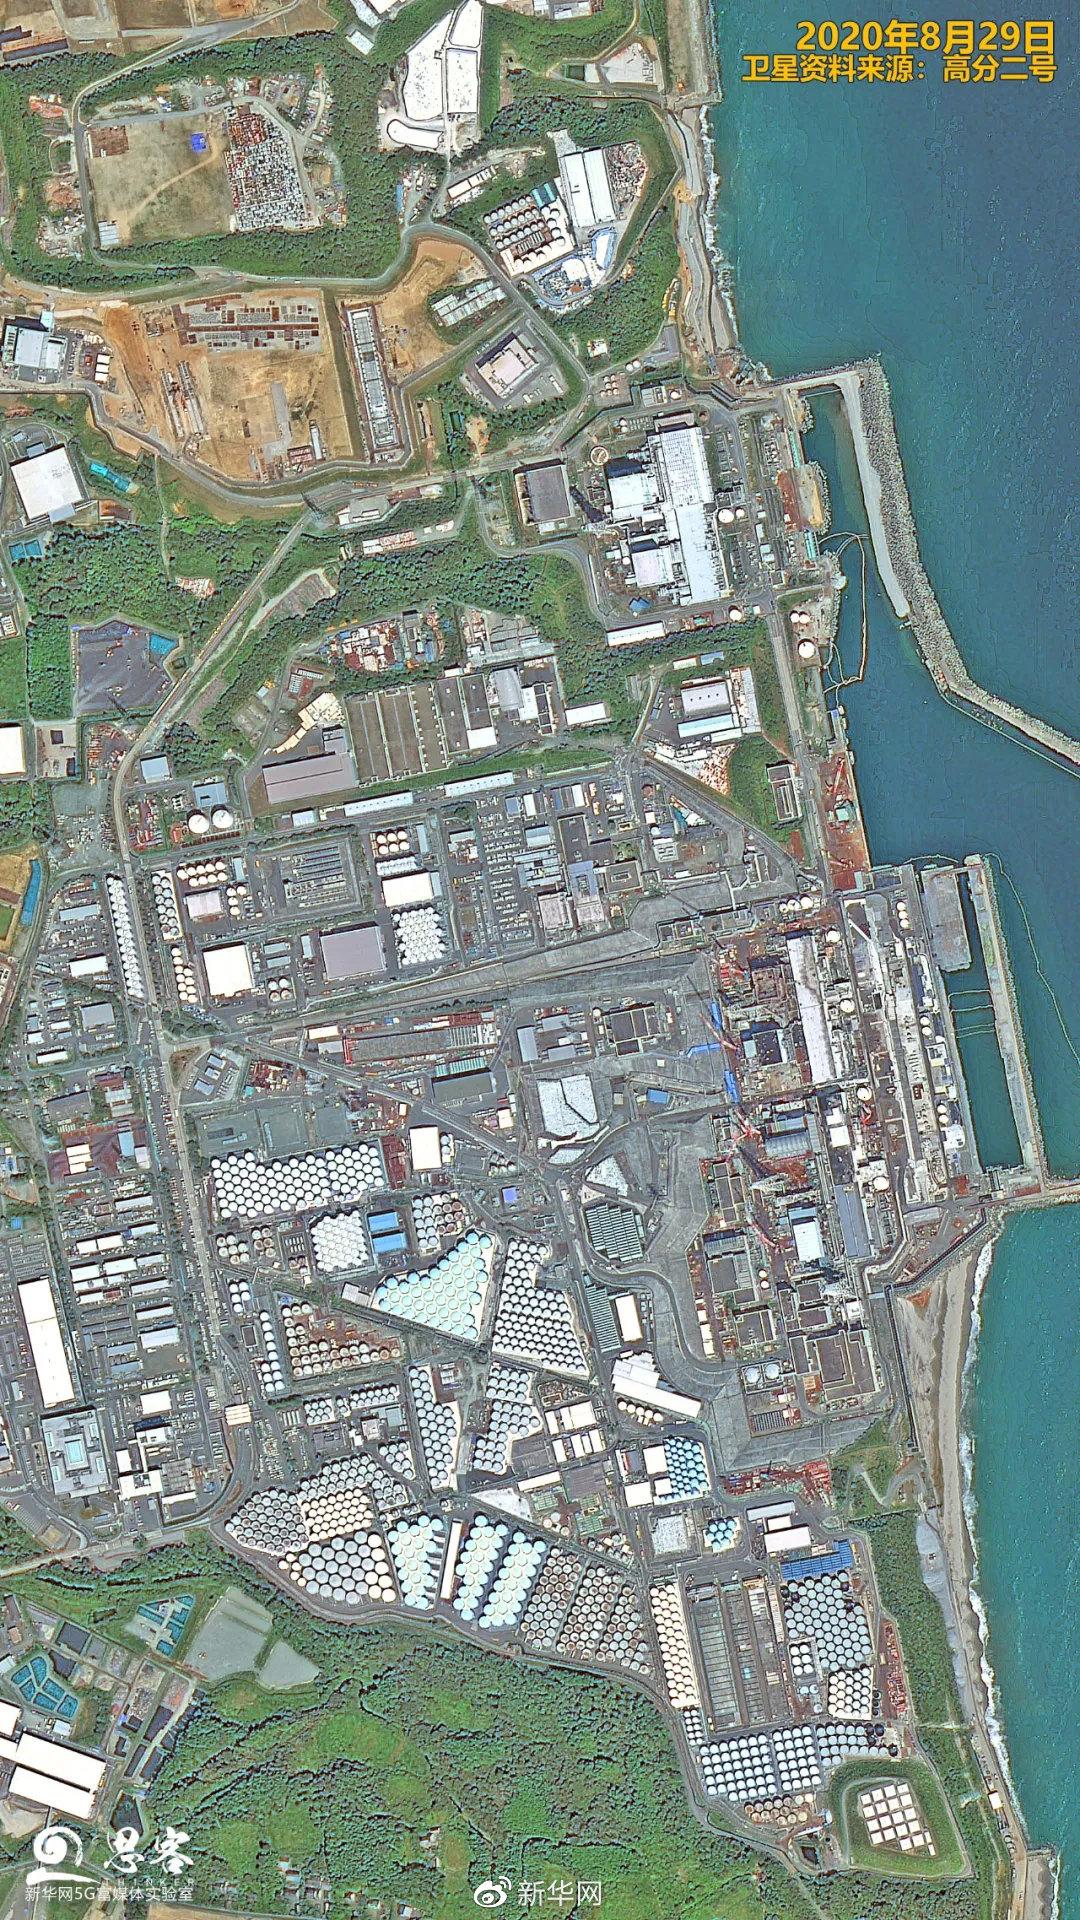 2020年8月29日高分二号拍摄的福岛核电站及周围。卫星影像中可见,周围仍有大片空地可用,污水罐也有些生锈。卫星资料来源:高分二号